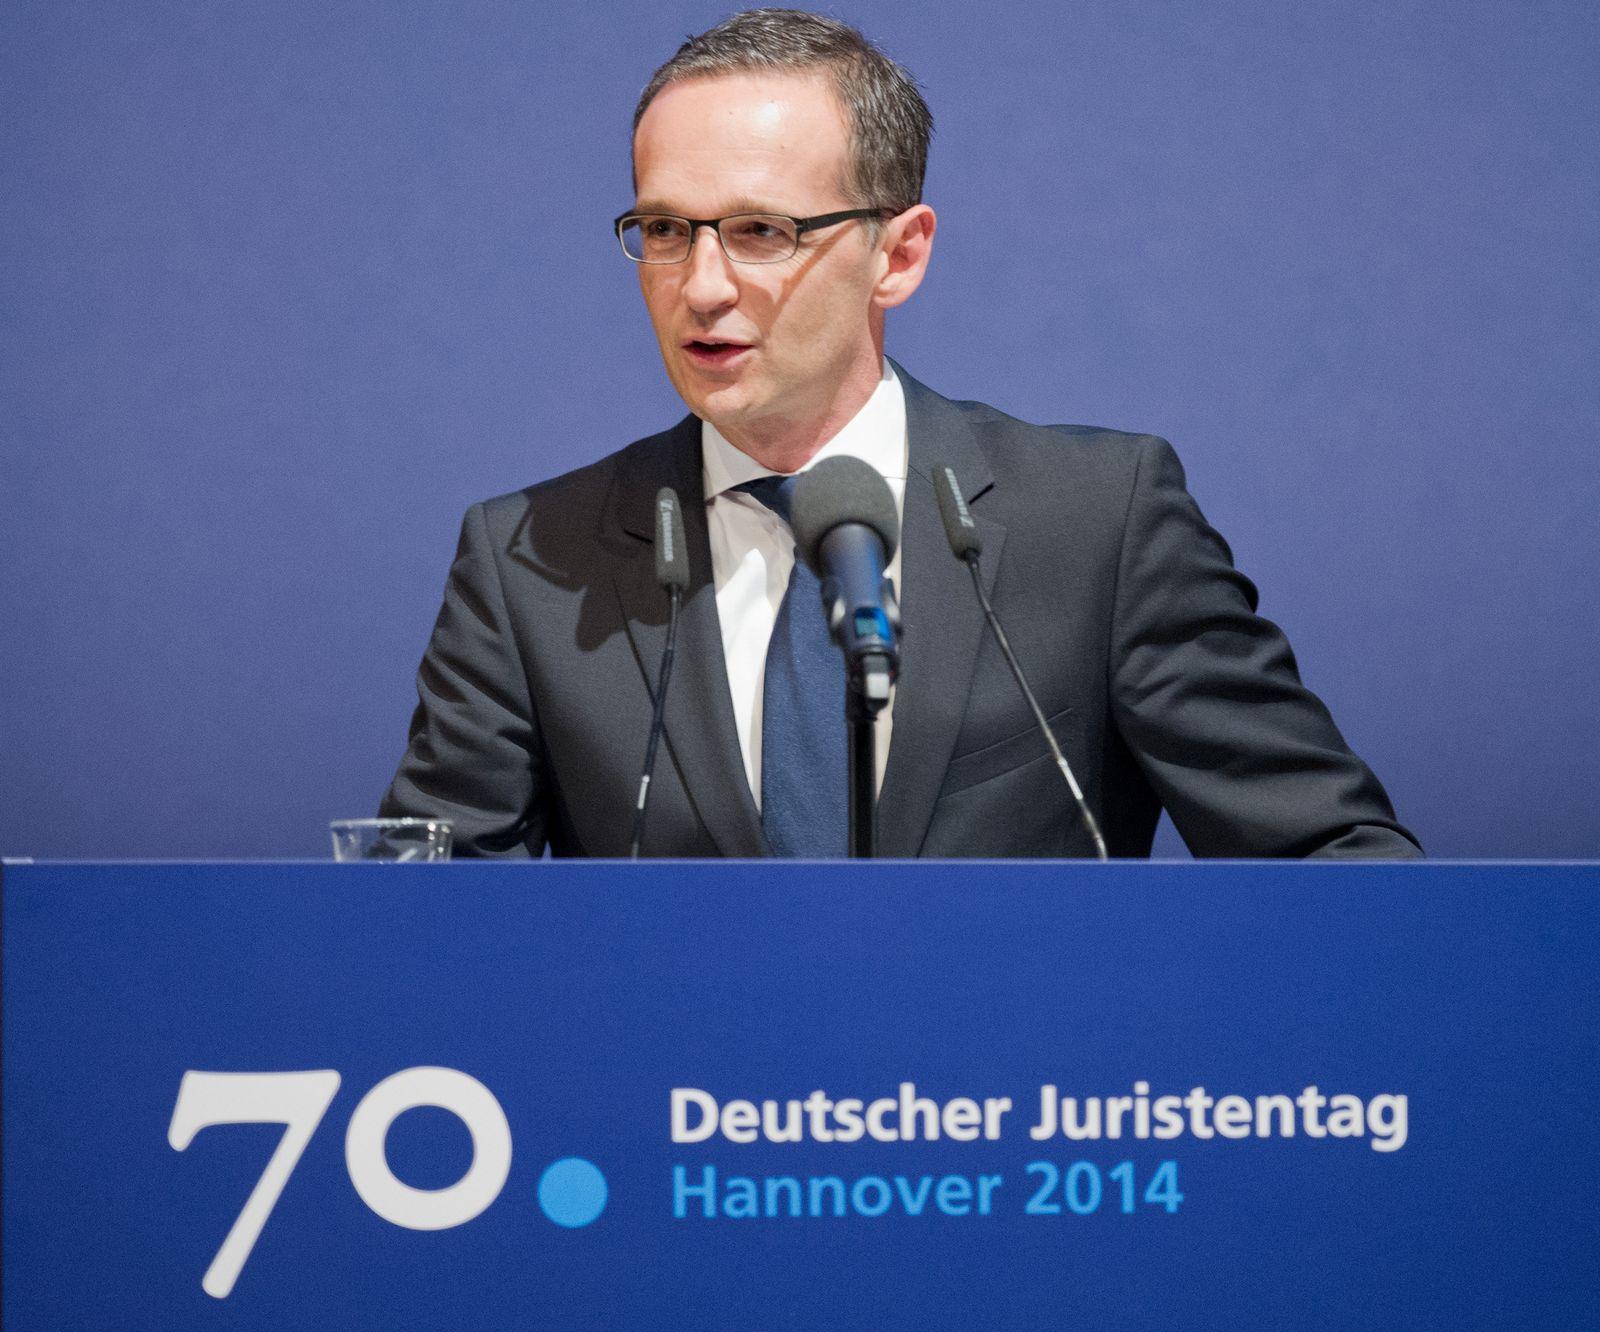 70. Deutscher Juristentag